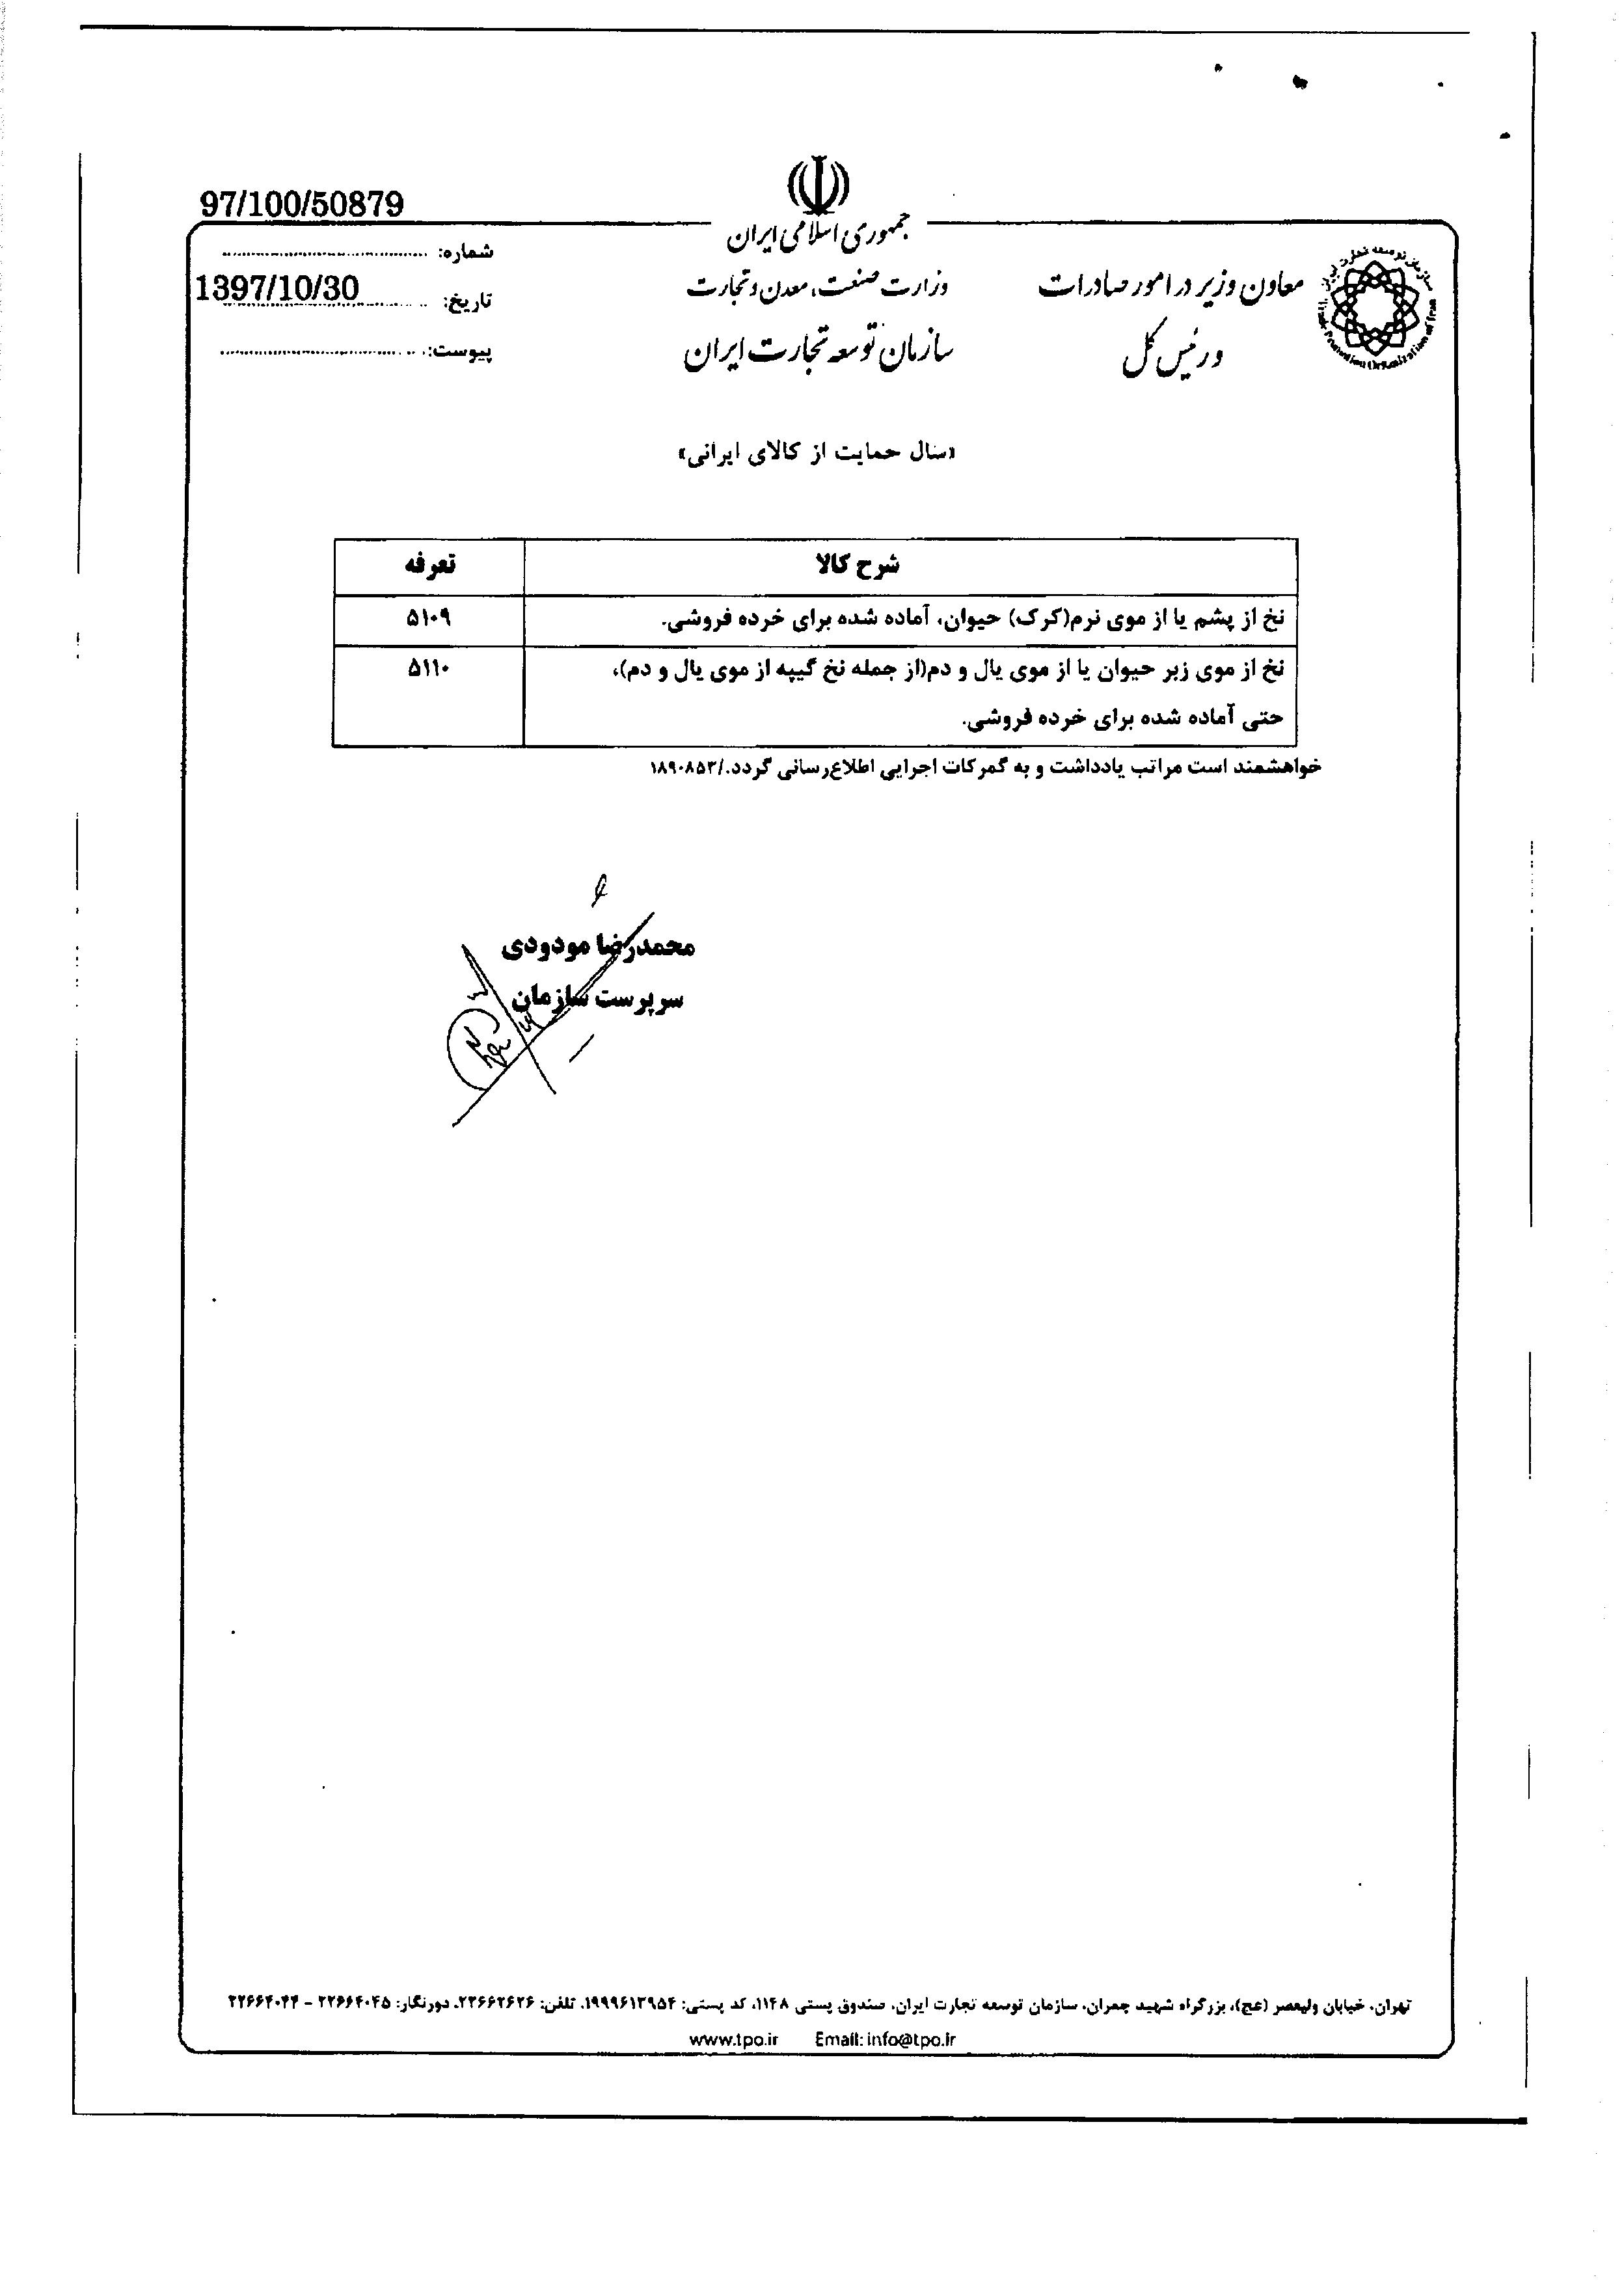 صادرات گوجه آزاد شد - 8